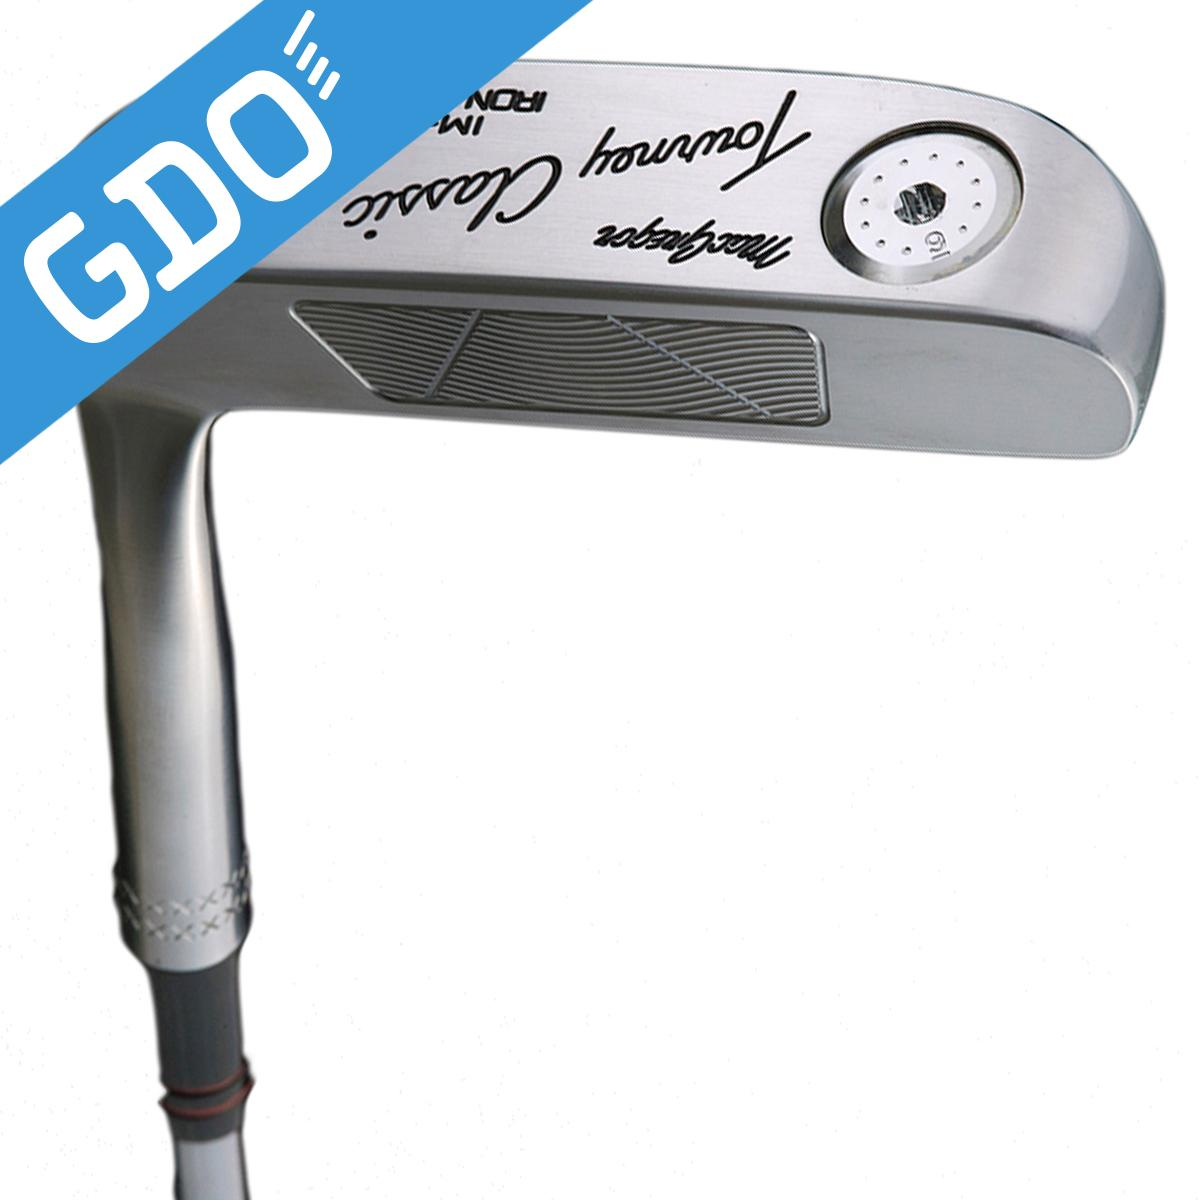 マグレガー MacGregor ターニークラシック アイアンマスター IM-G5 SP パター シャフト:N.S.PRO パター[ゴルフ用品 ゴルフ ボール ゴルフボール golf gdo ギフト 通販 ]